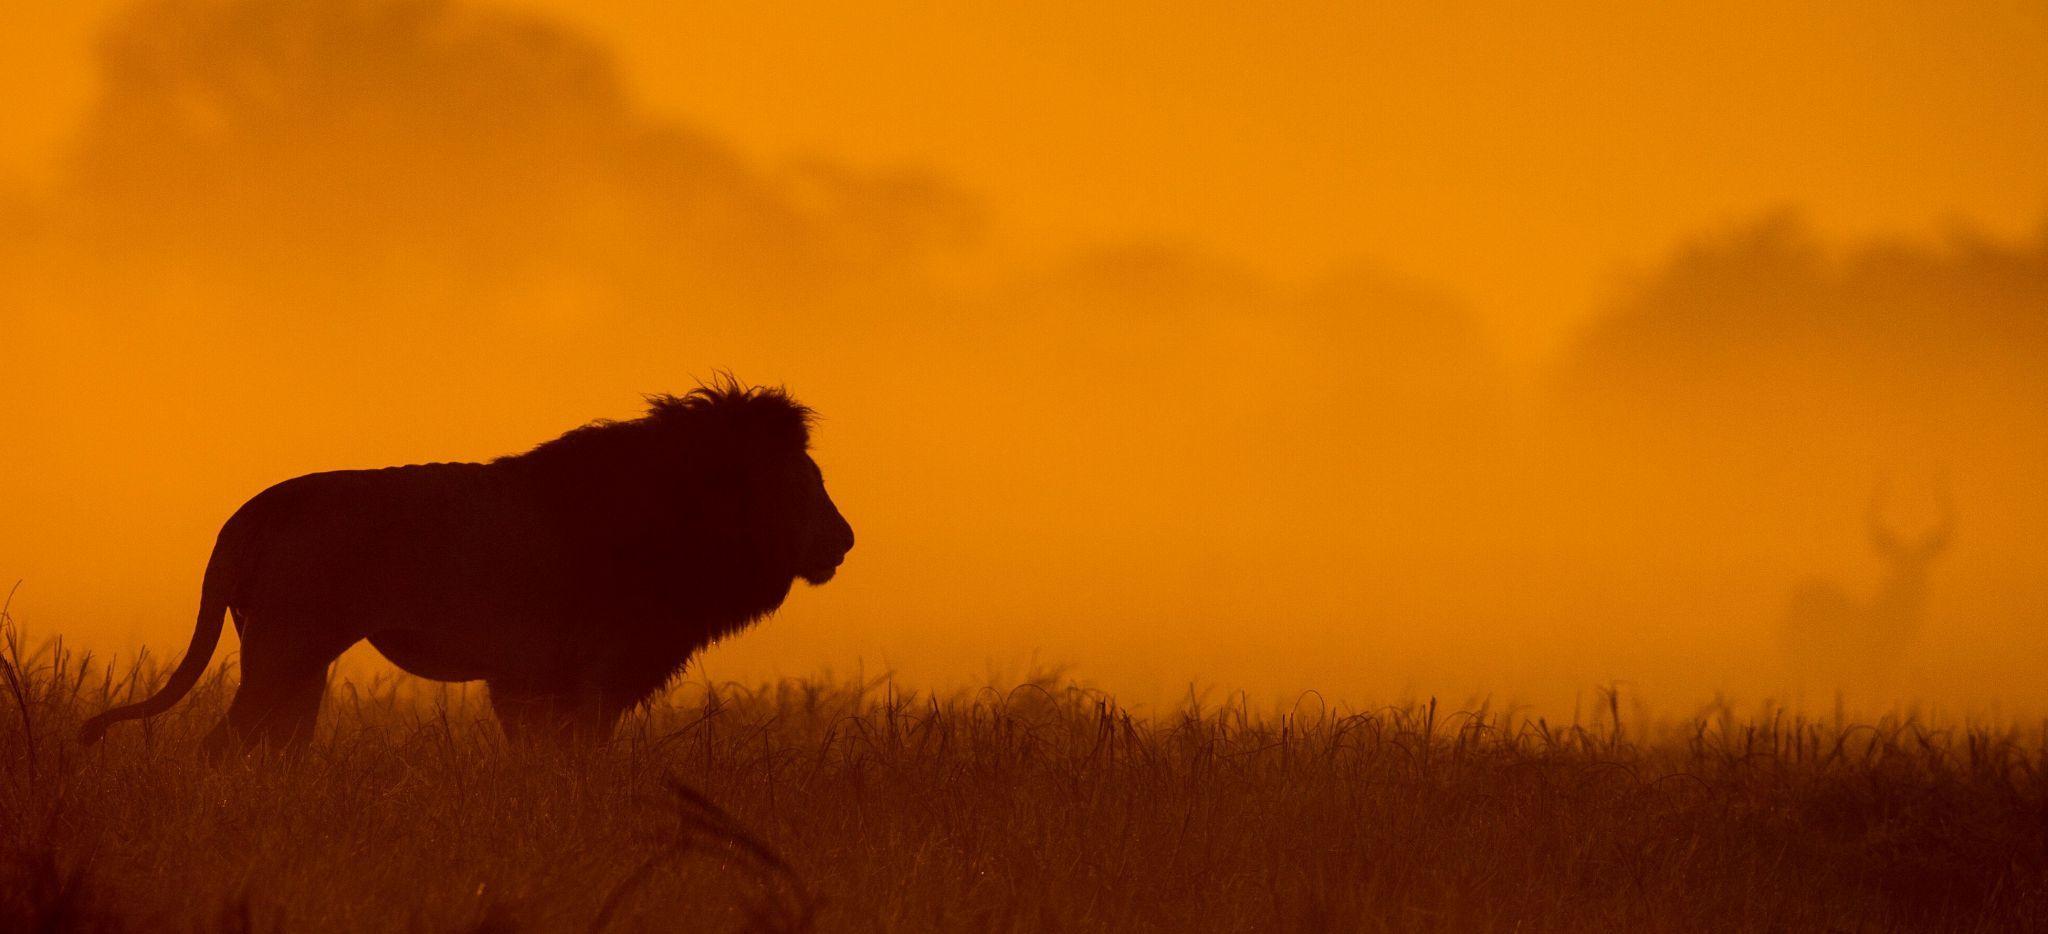 Die Silhoutte eines Löwen im Abendrot. Im Nebel der Umriss einer Antlope mit prächtigem Geweih